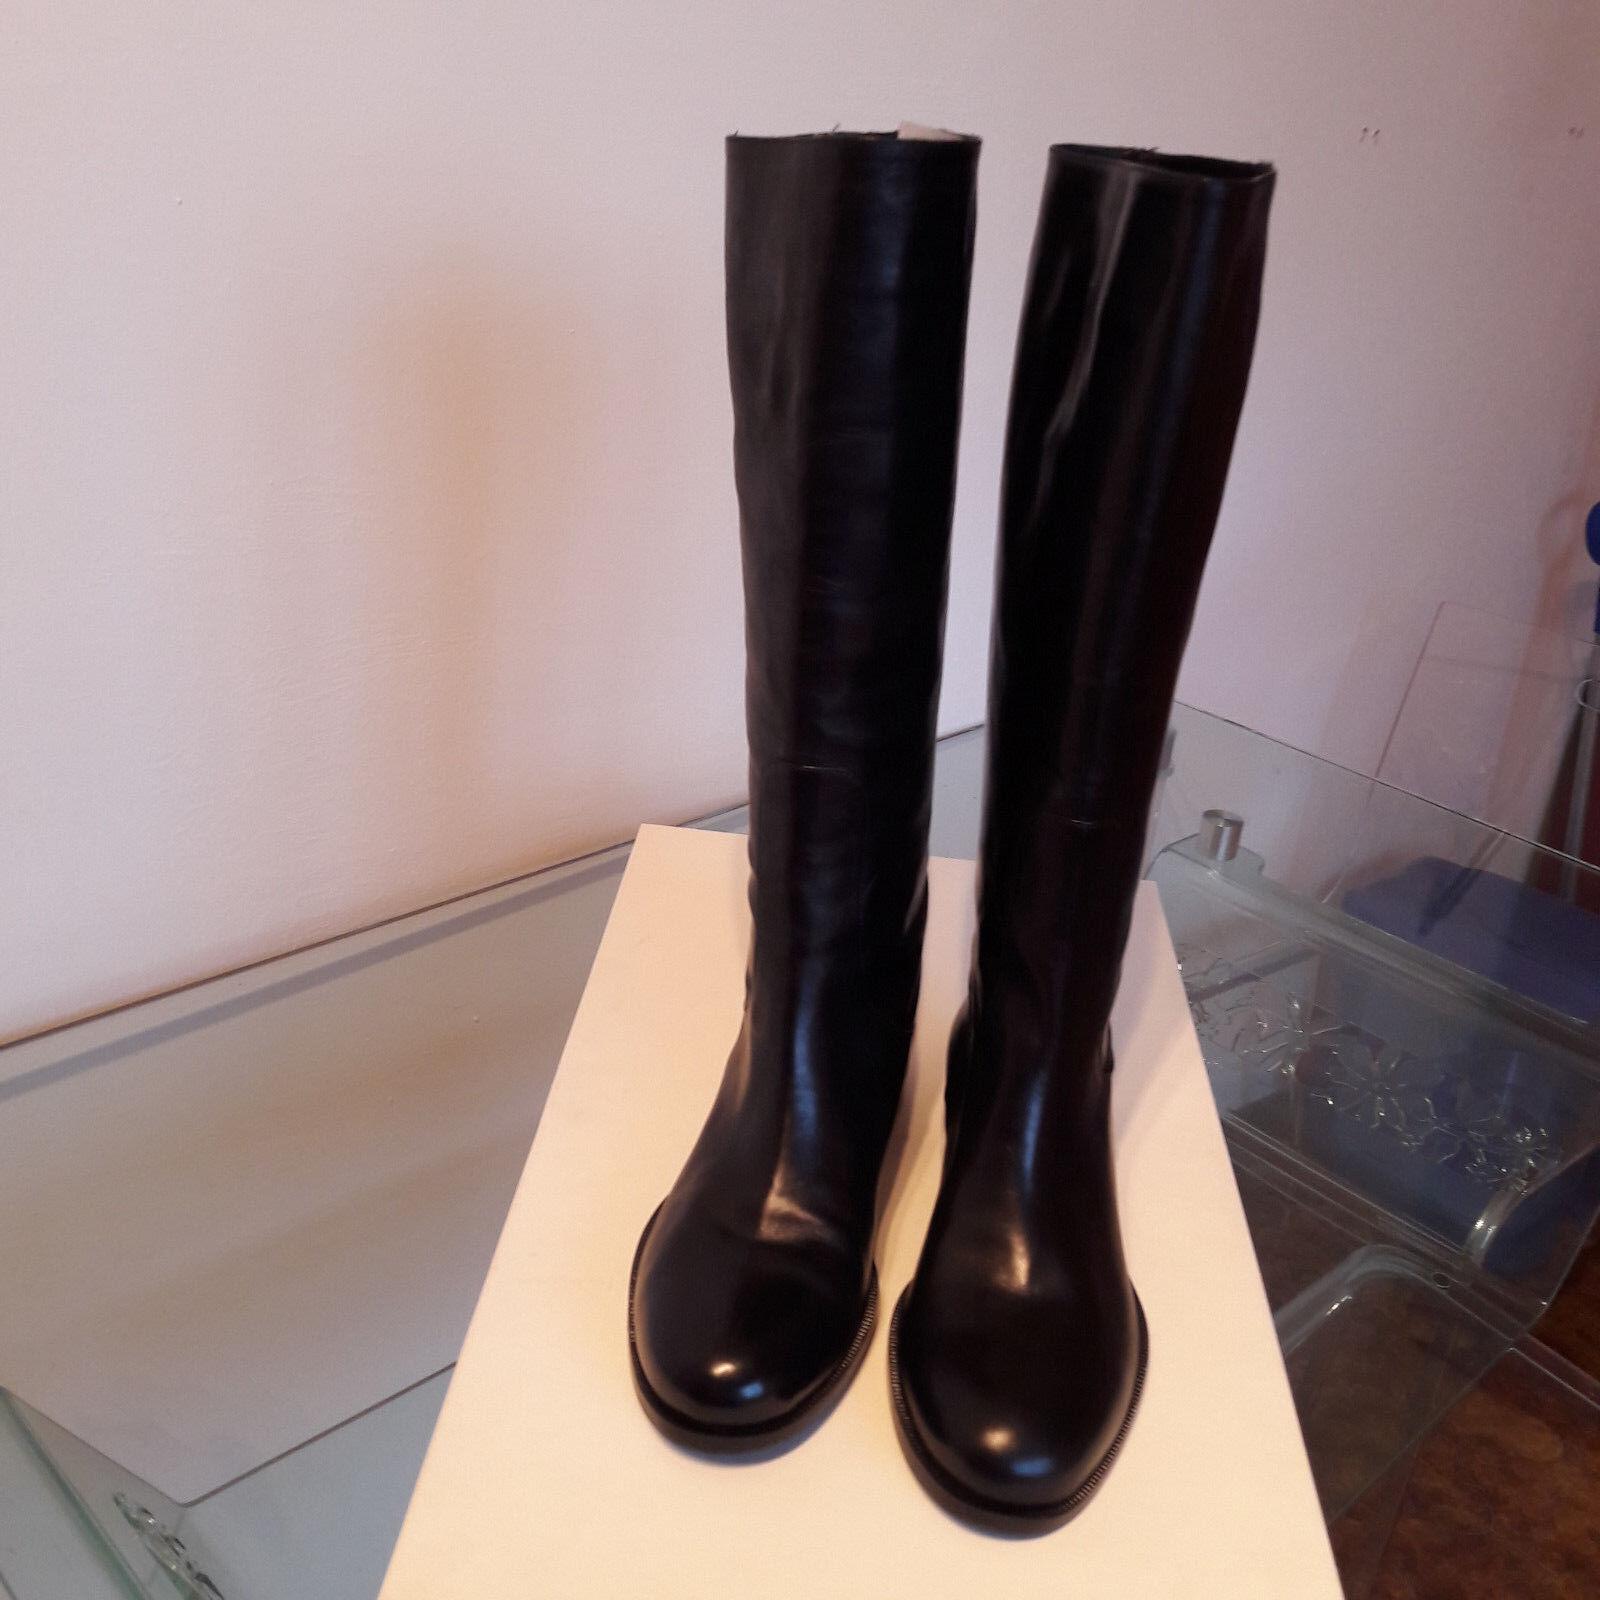 varie dimensioni Scarpa Scarpa Scarpa Stivale GUNEX (Brunello Cucinelli) pelle 100% nero (NUOVO)  vendita online